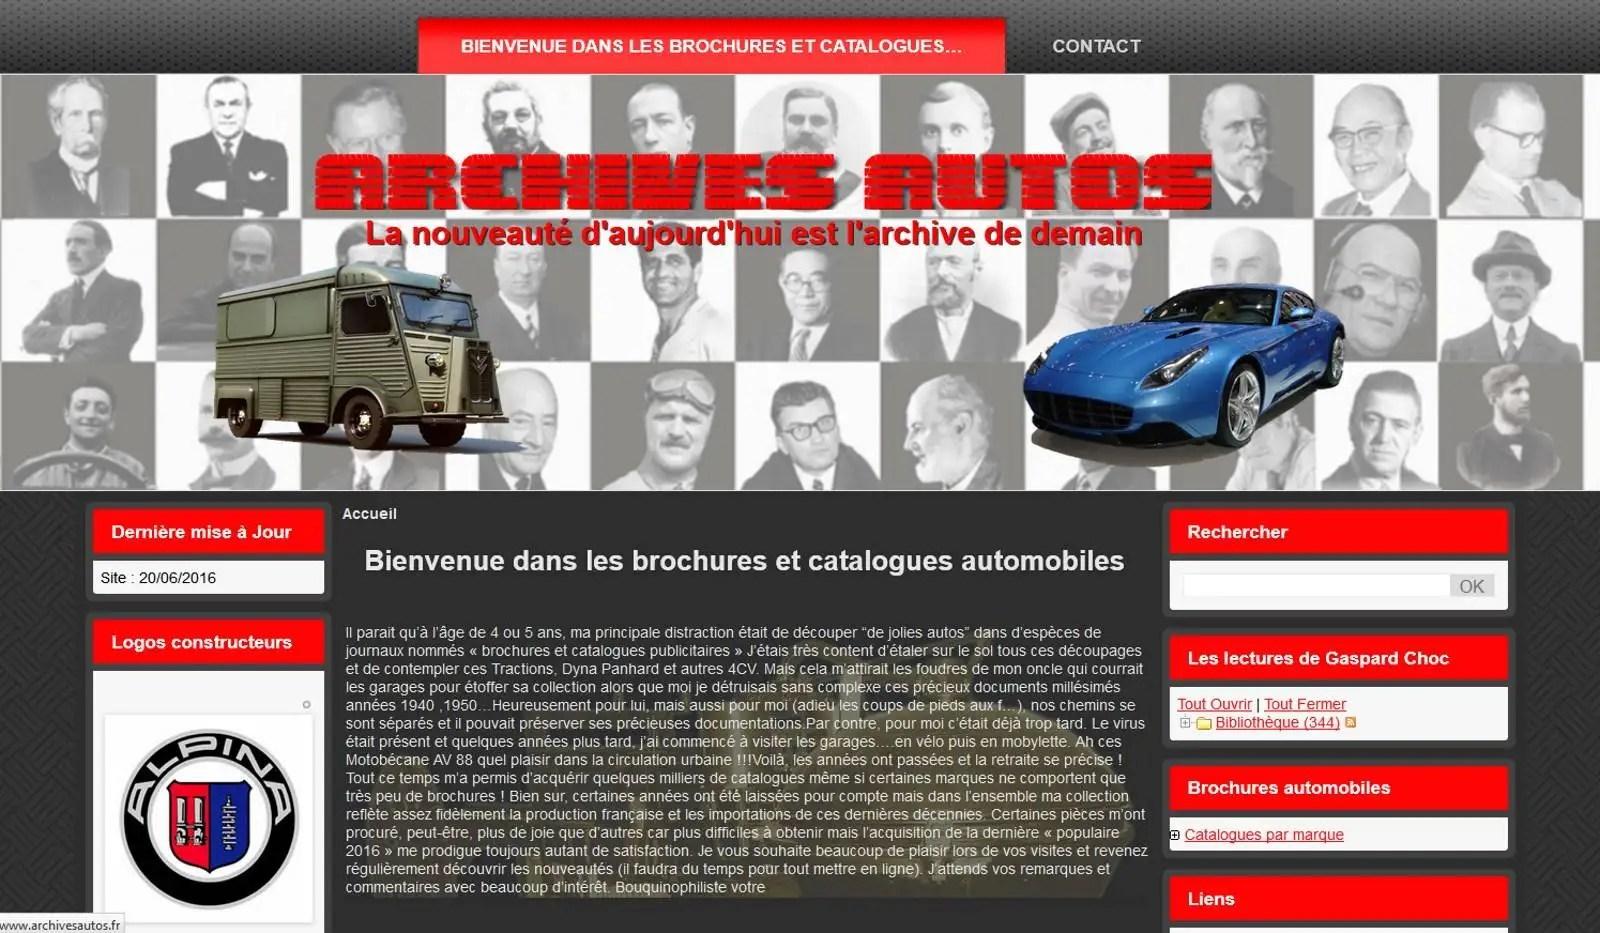 Archives Autos - Brochures et catalogues automobiles